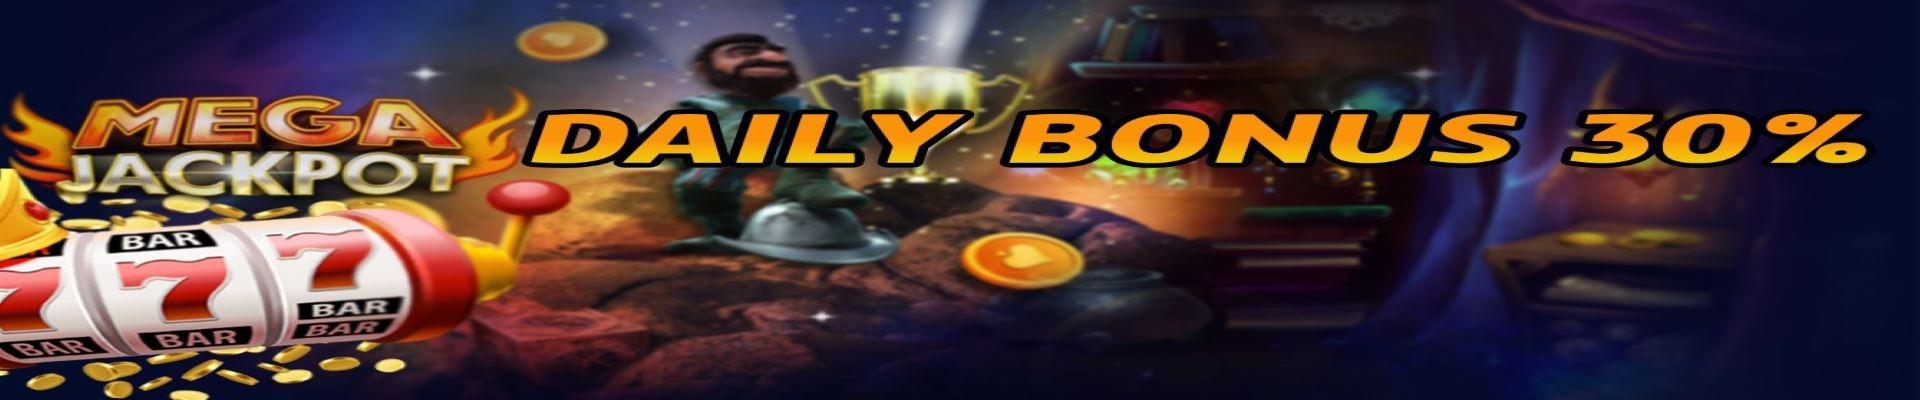 30% Daily Reload Bonus